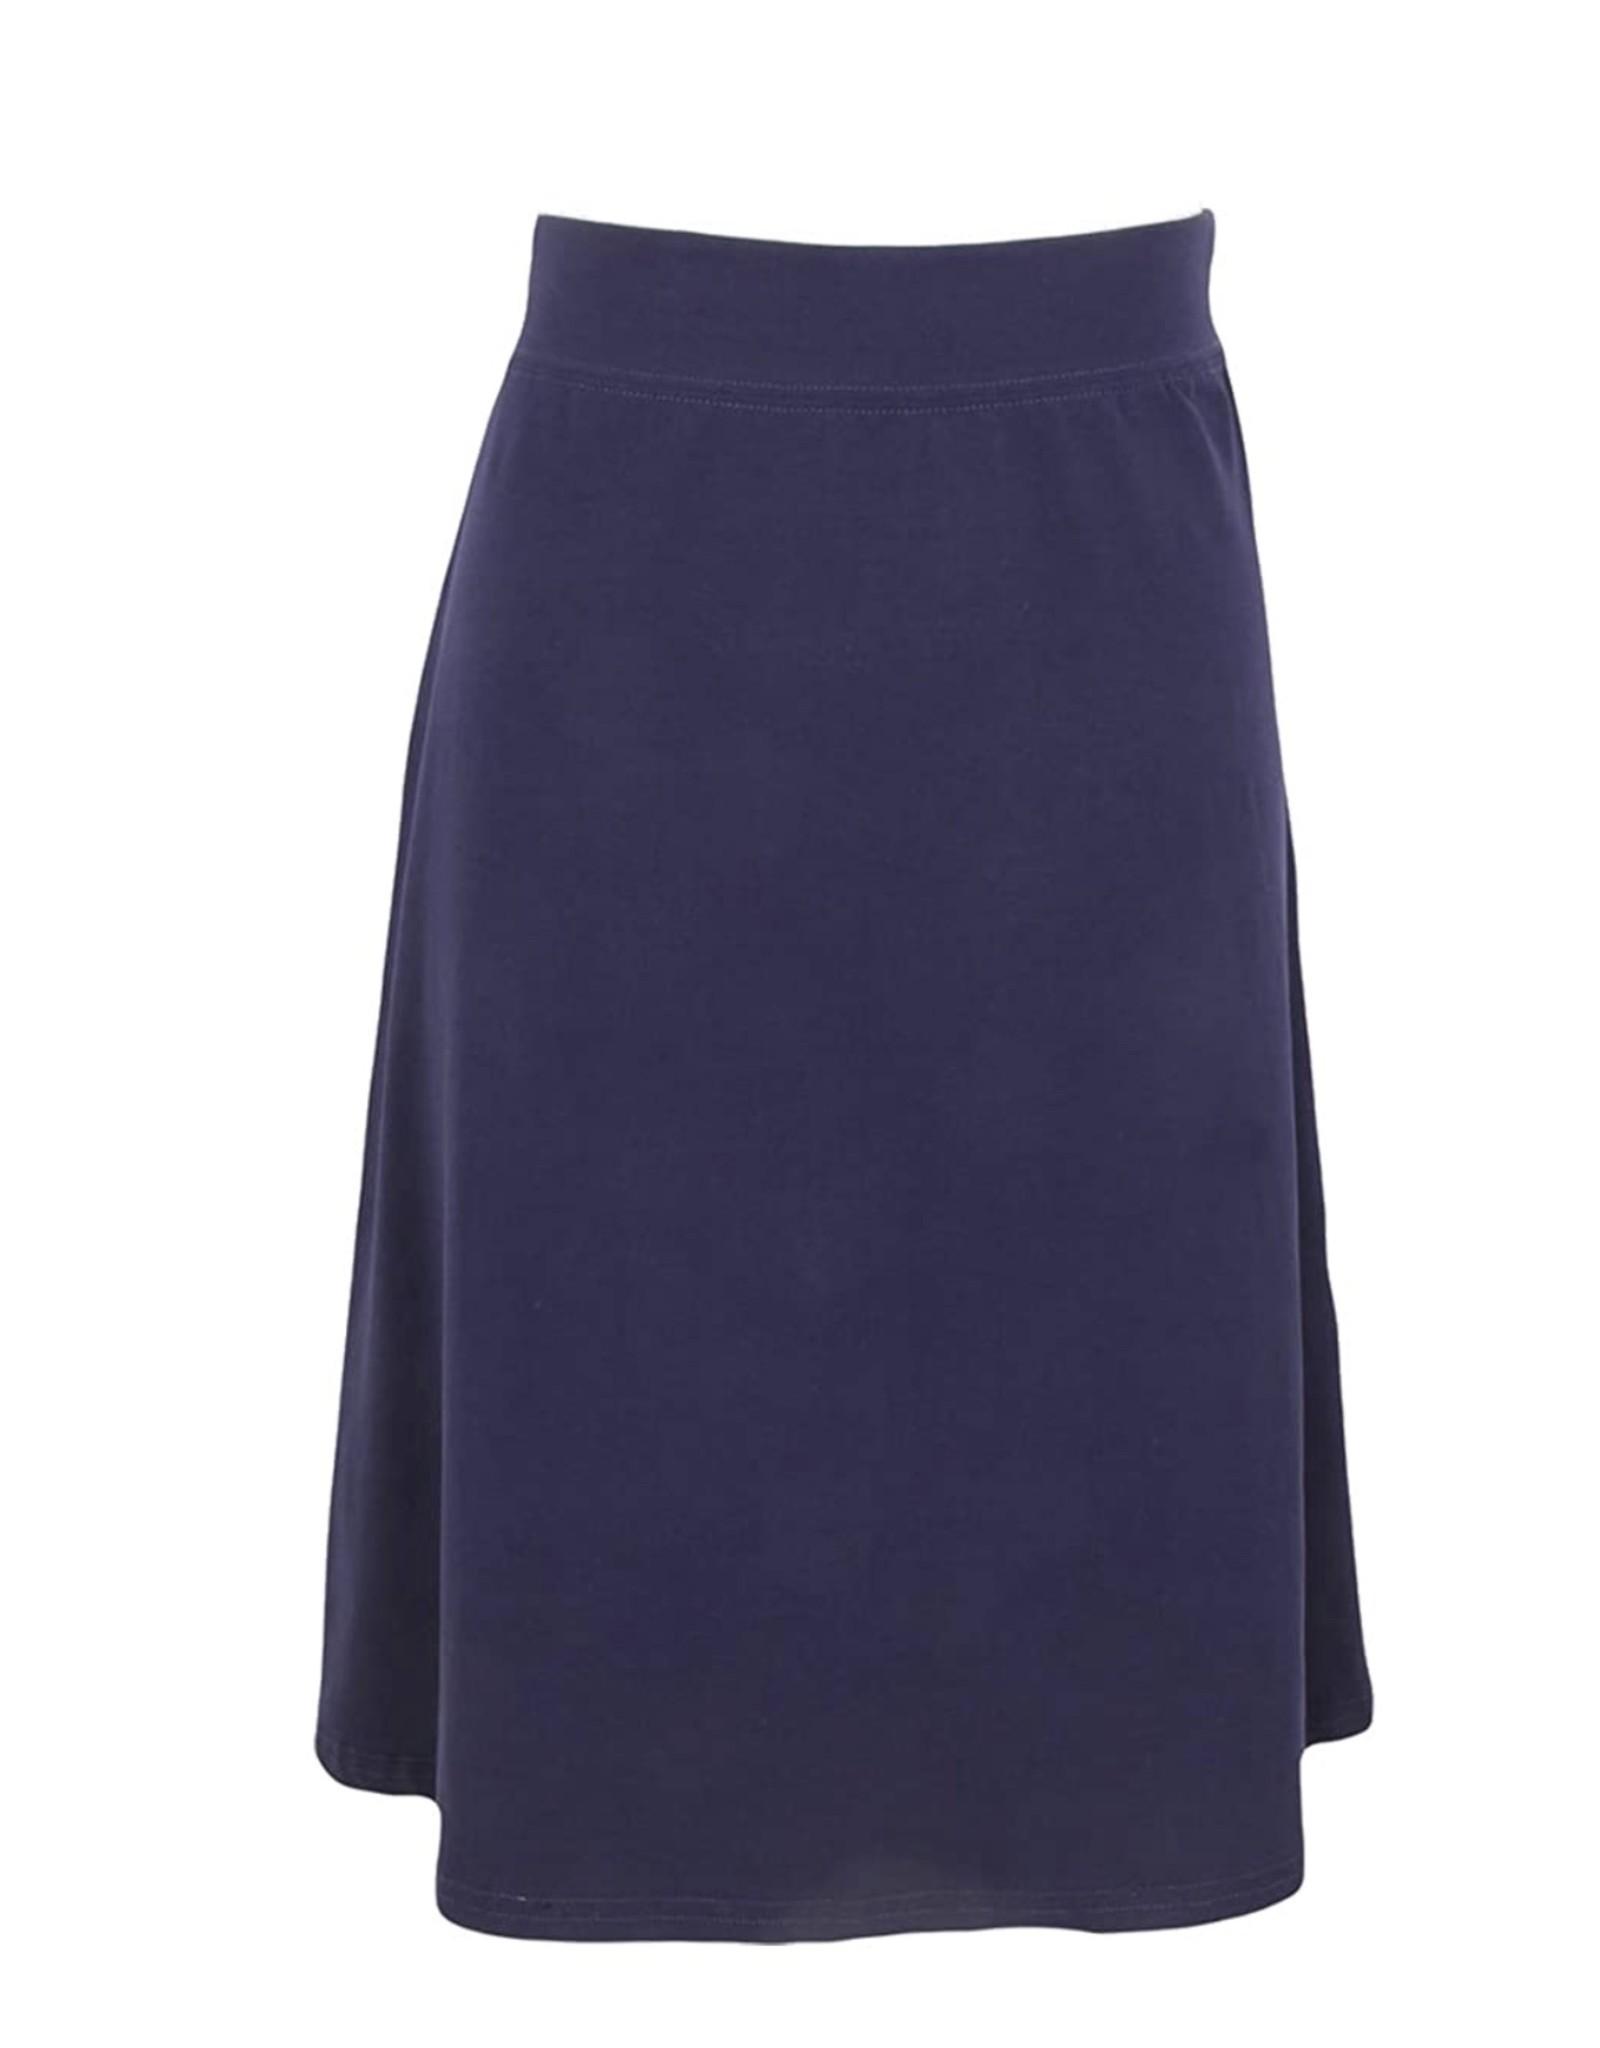 Kiki Riki Kiki Riki Women's A line Skirt 4930